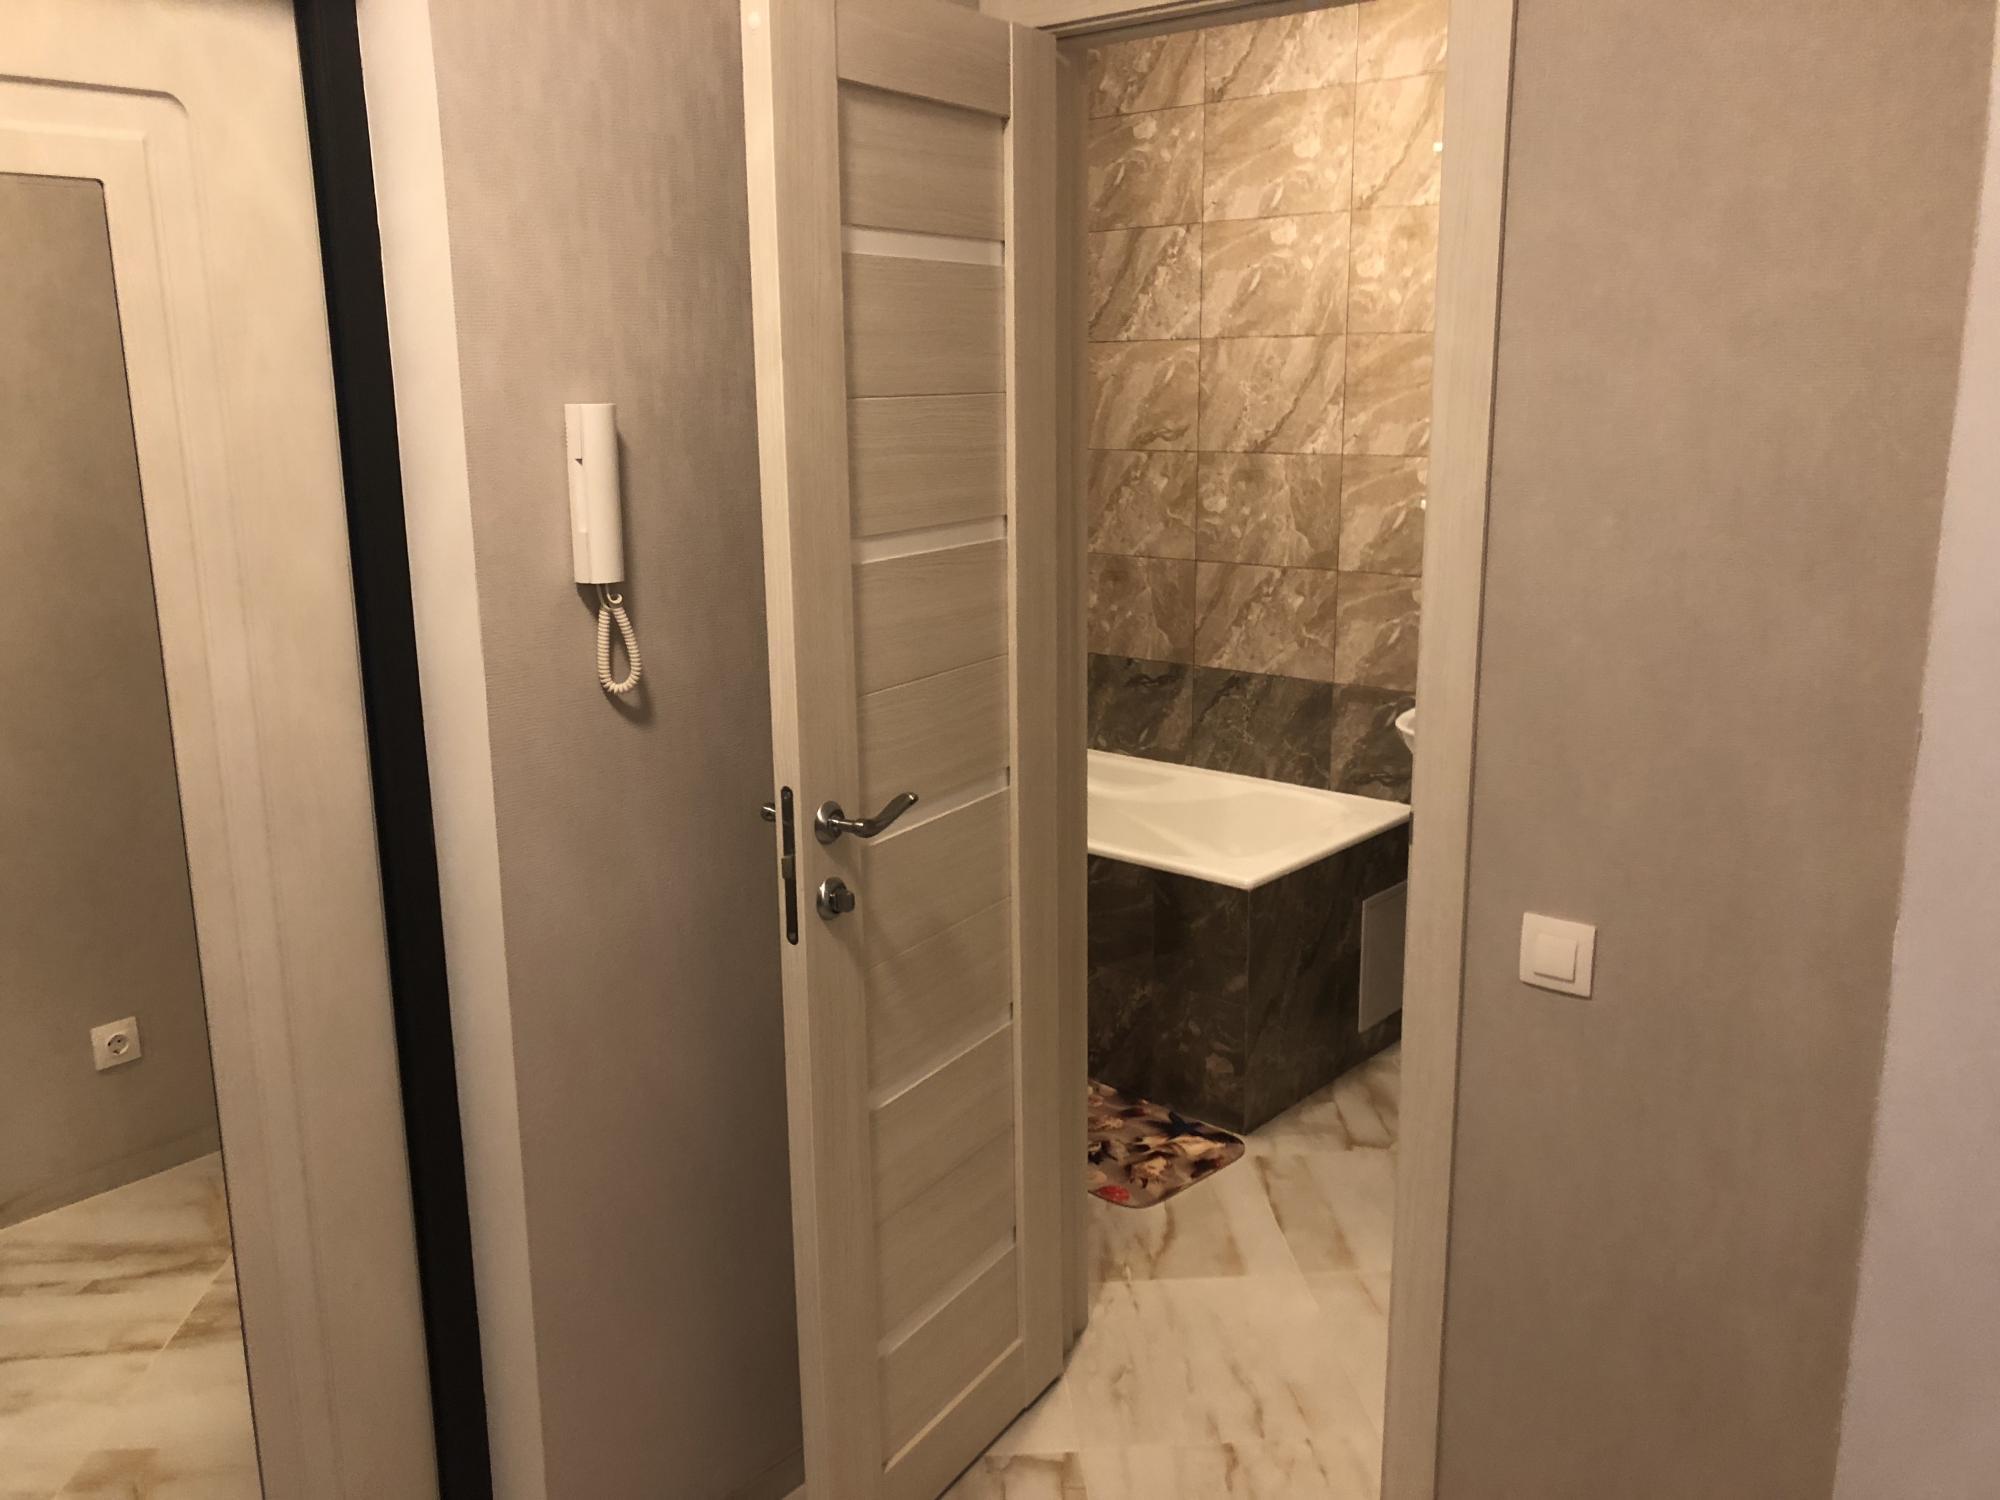 Квартира, студия, 25 м² 89104965847 купить 7